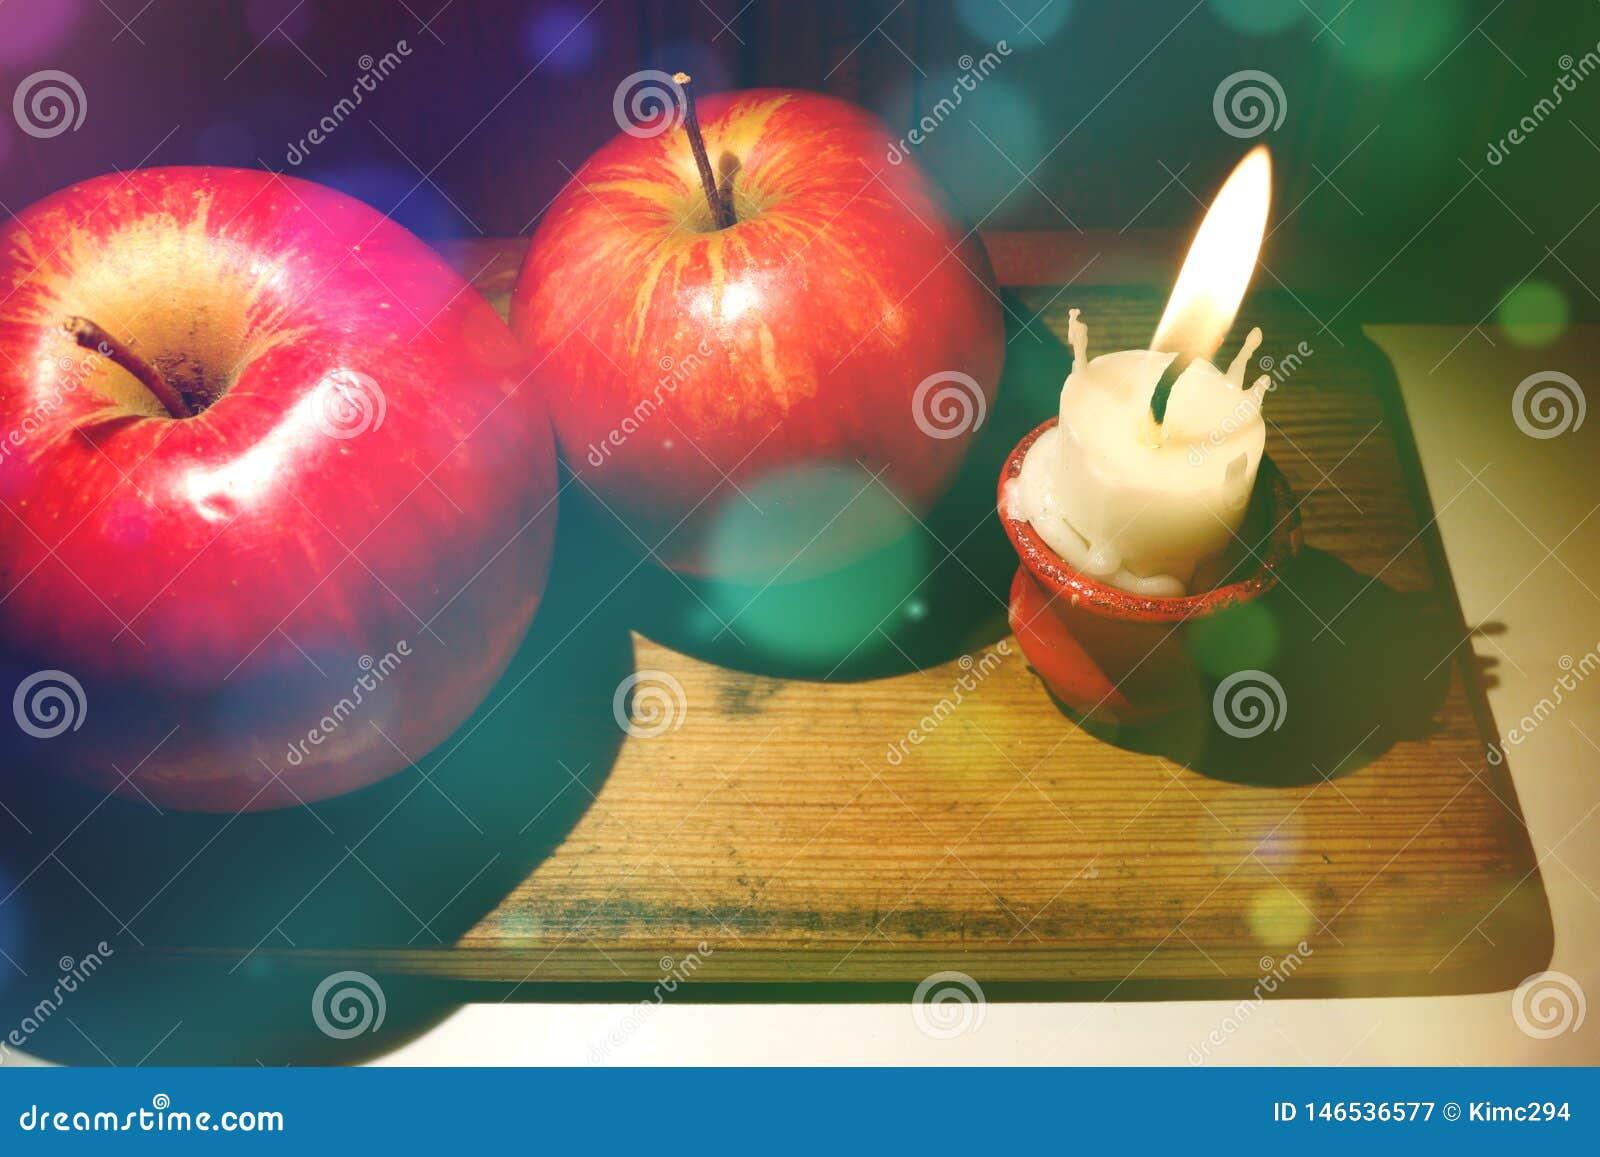 Composición de la Navidad con las manzanas rojas y la vela quemada minúscula del plumón